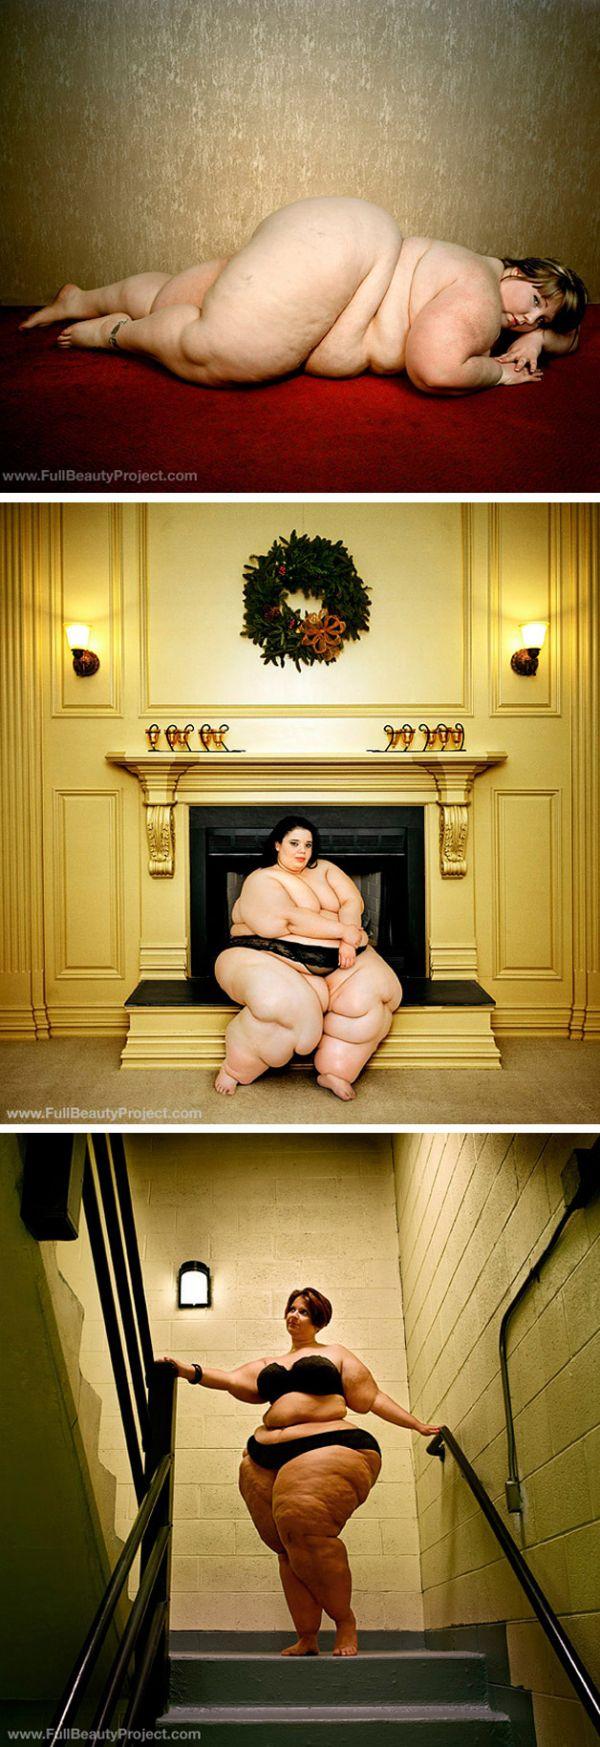 FULLBEAUTY: fotos de obesas mórbidas desnudas (6)